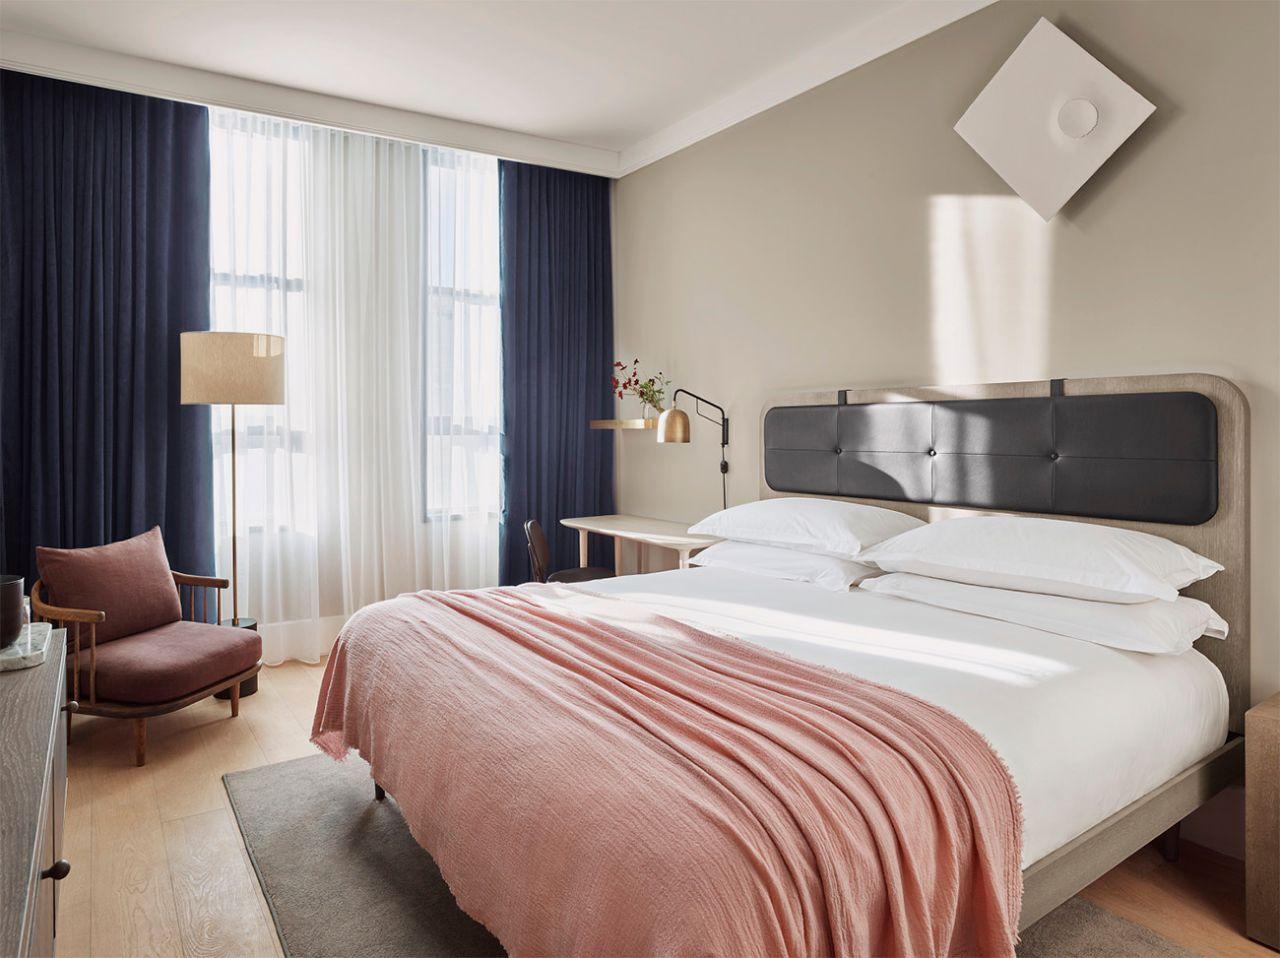 mẫu thiết kế nội thất phòng ngủ bắc âu